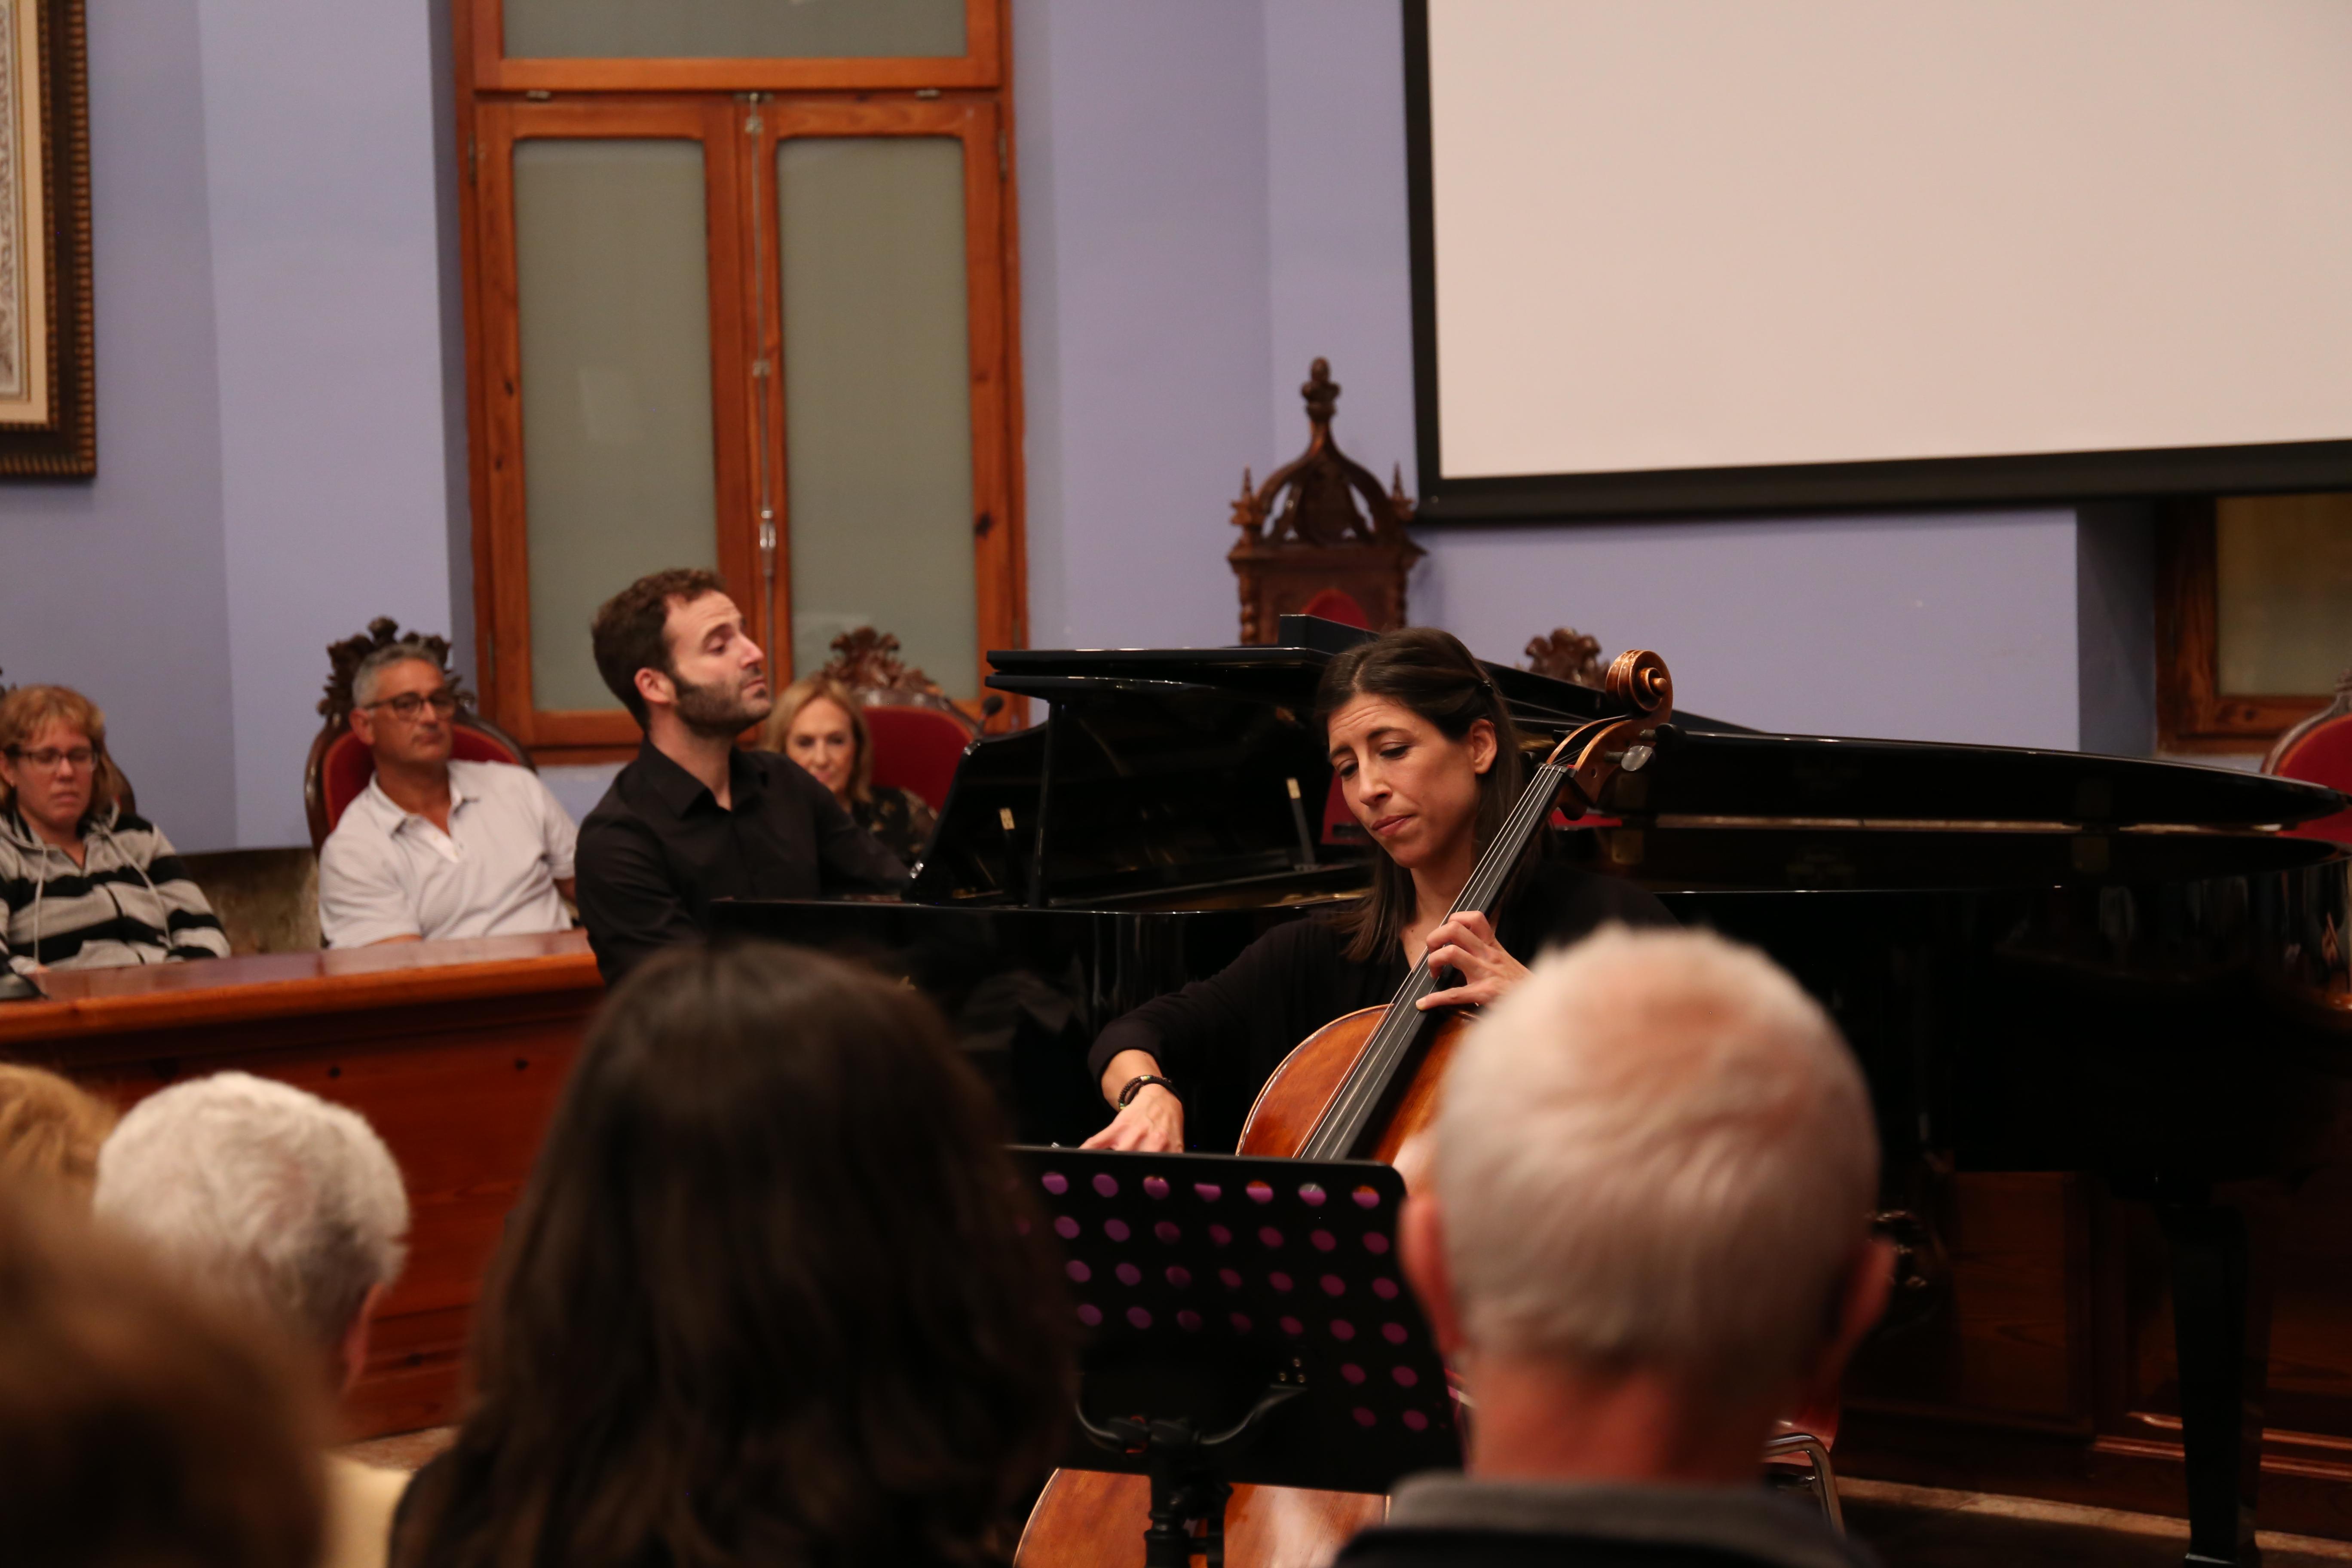 El programa del concierto contó con nueve obras de compositores como Bach o Chopi.